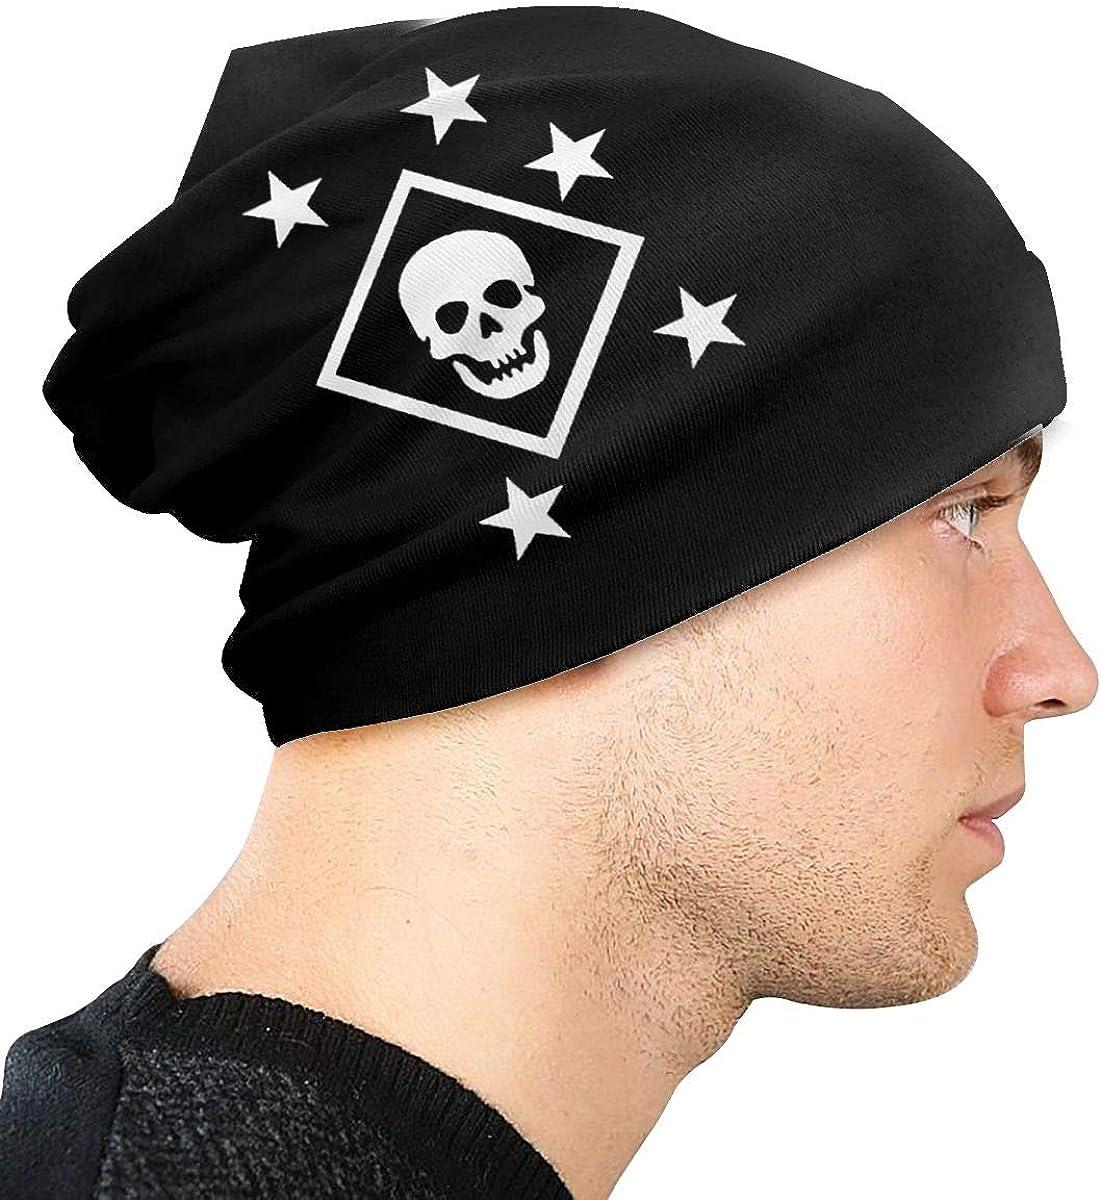 Black and White MARSOC Marine Raiders Skull and Stars Unisex Warm Hat Knit Hat Skull Cap Beanies Cap